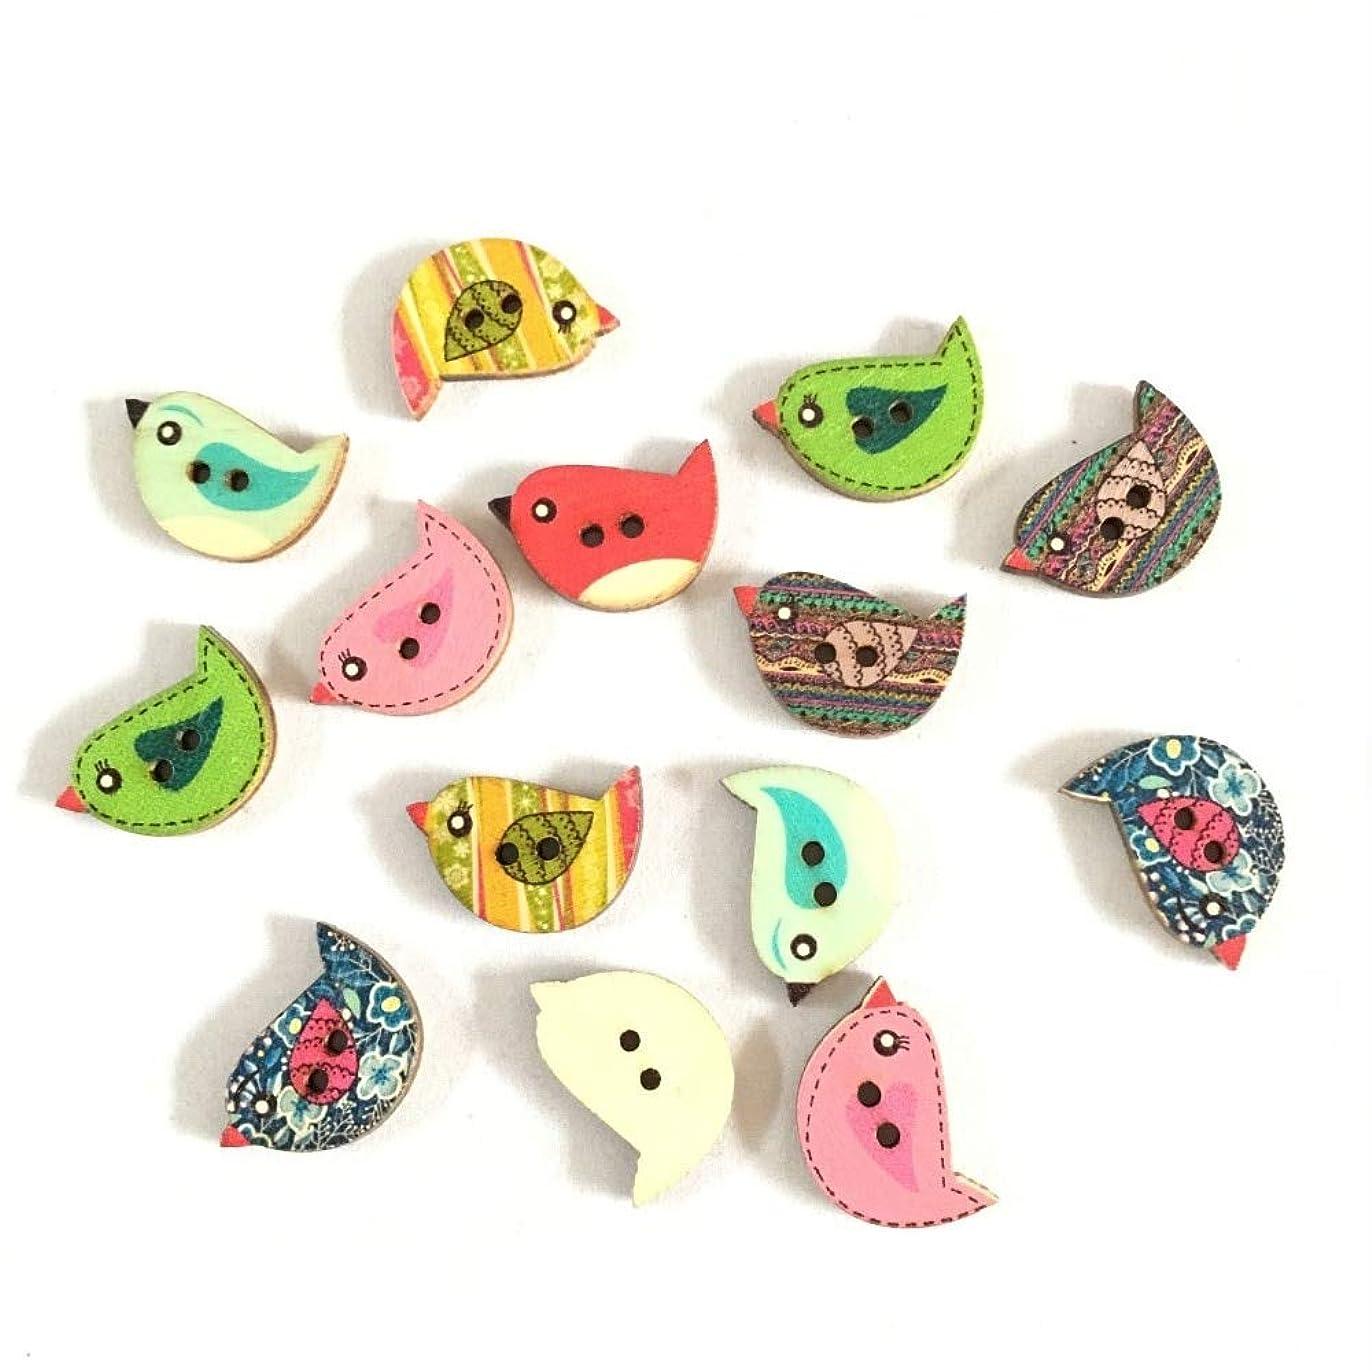 パッケージがっかりしたピカリングPropenary - 50pcsのミックス木製ボタンのかわいい鳥のパターンDecoratiラウンド2つの穴木製縫製するためのボタン、DIY、衣料品アクセサリー